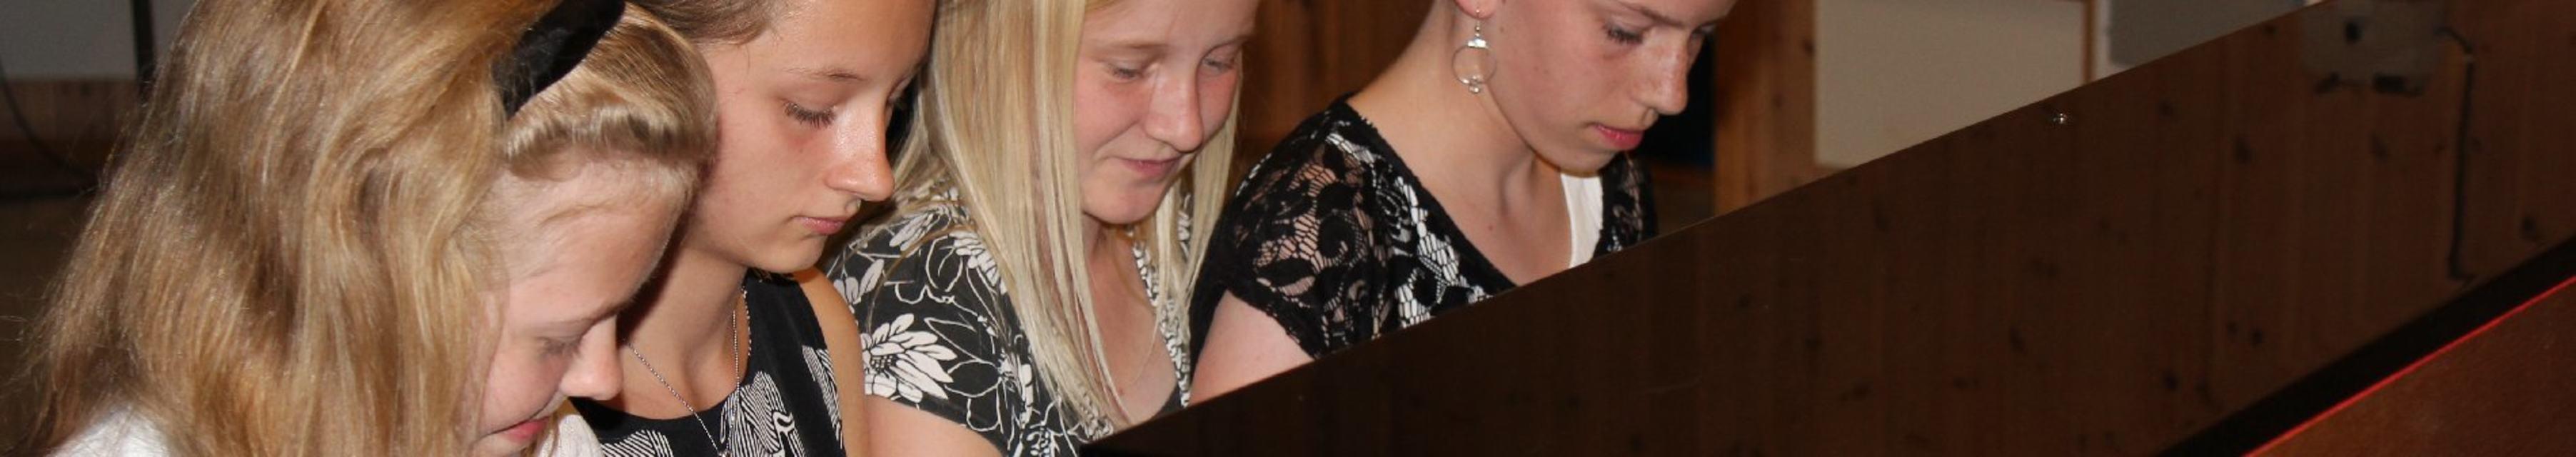 Fire dyktige jenter spiller sammen under en konsert i kulturskolen